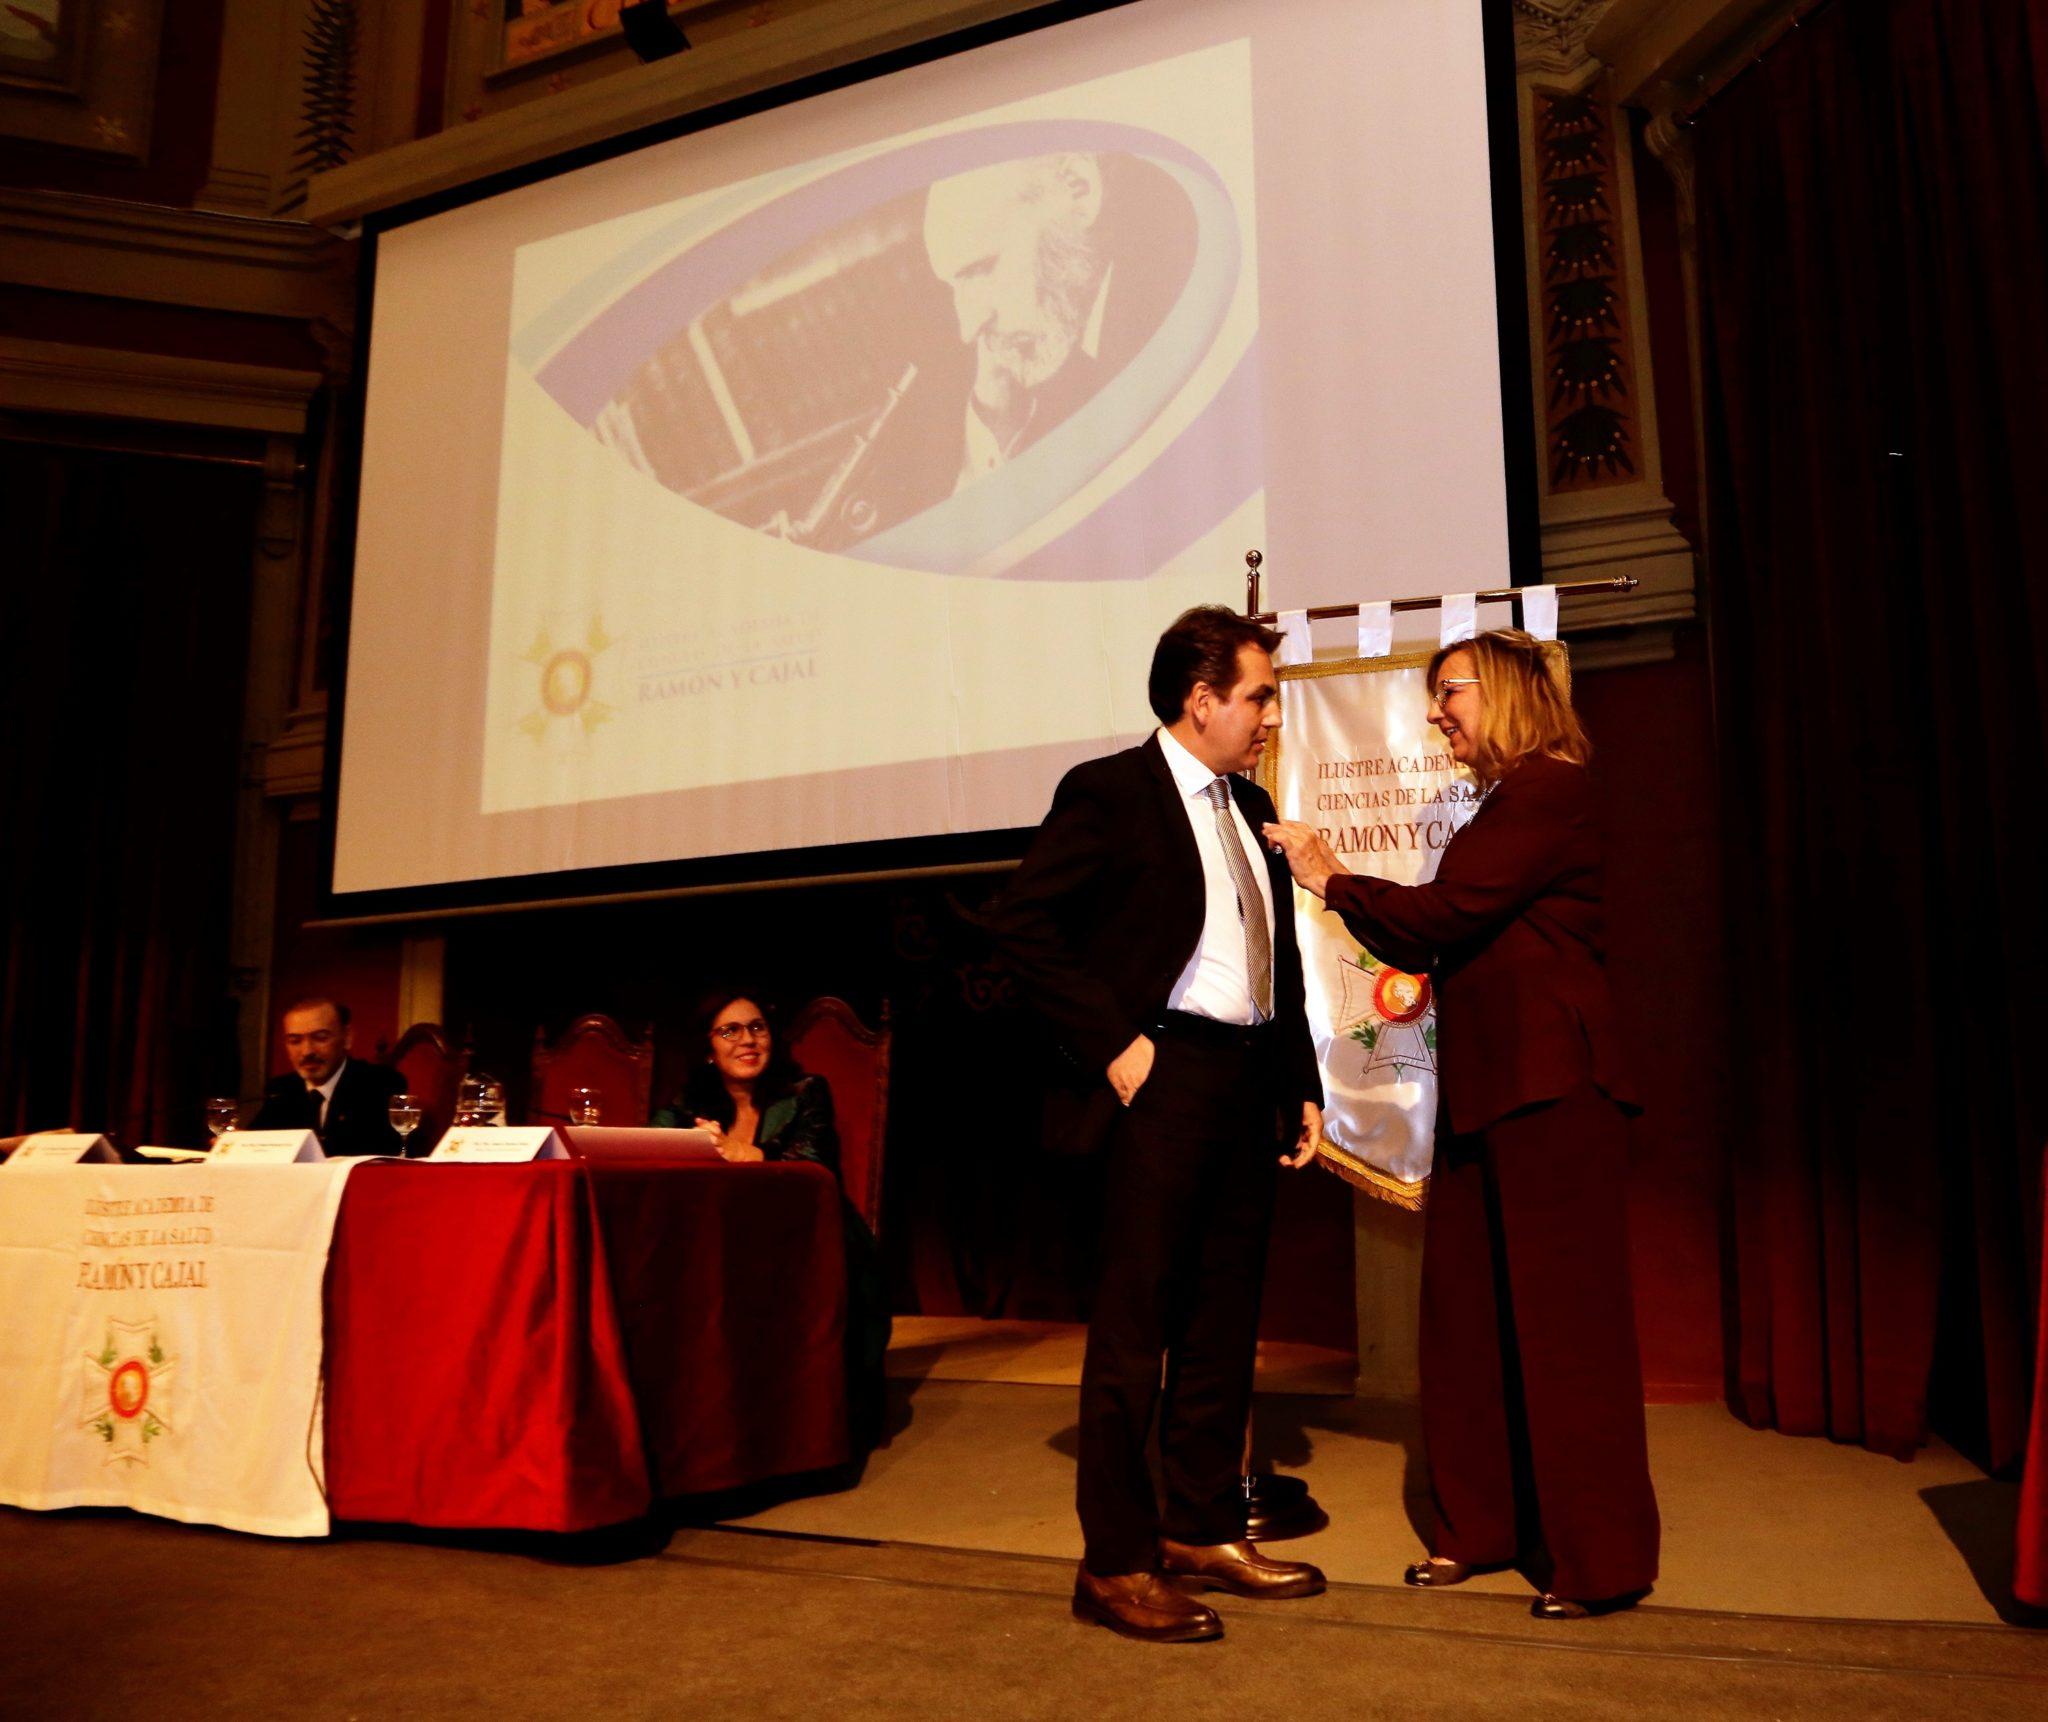 La Academia de Ciencias de la Salud Ramón y Cajal impone la Medalla al Mérito Sanitario al médico navarro José Ángel Lozano Orella.